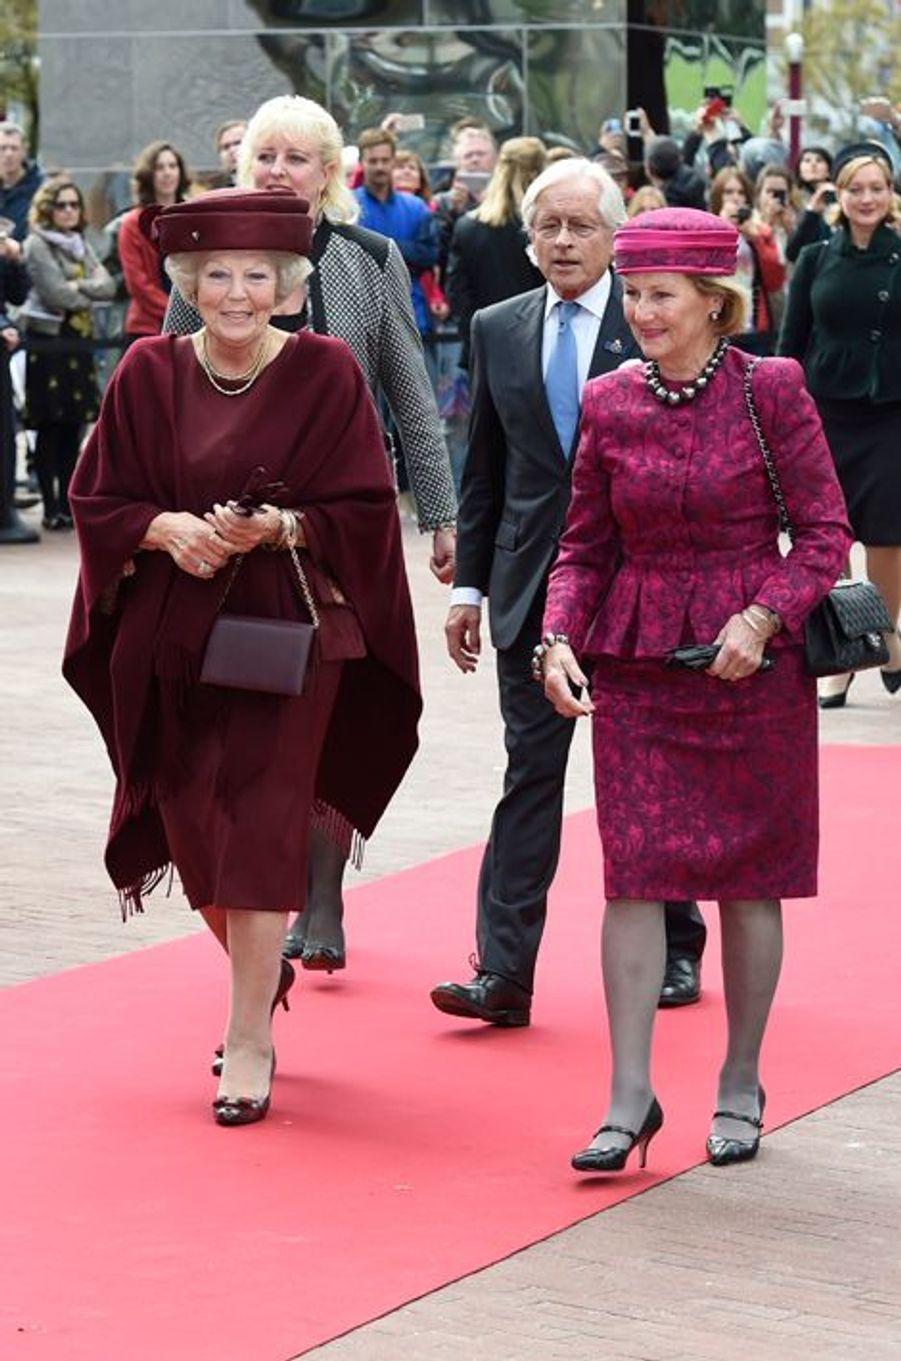 La princesse Beatrix des Pays-Bas et la reine Sonja de Norvège à Amsterdam, le 23 septembre 2015